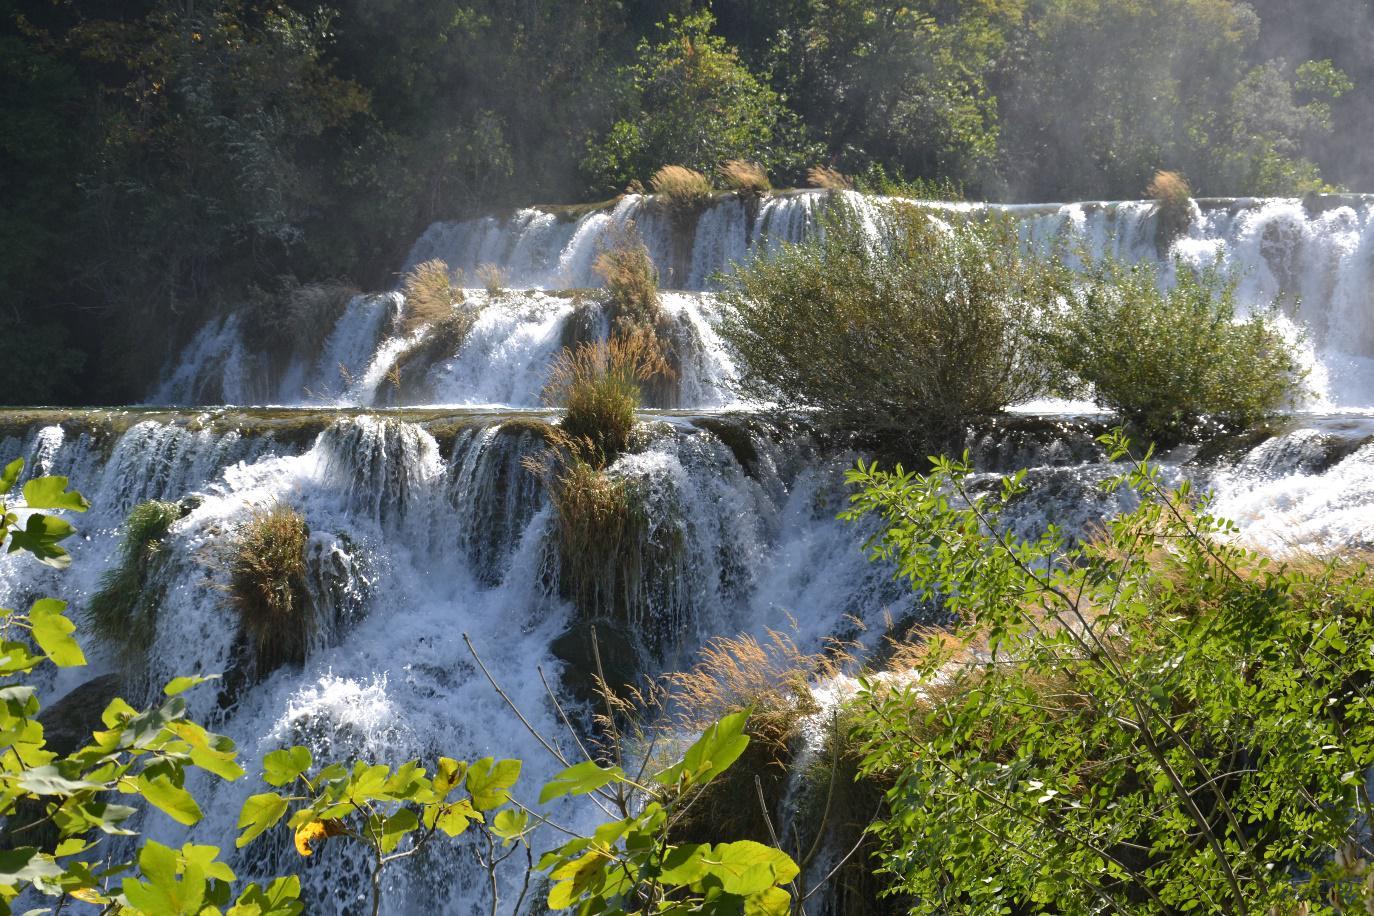 Bezoek aan het nationaal park te Krka, Kroatië